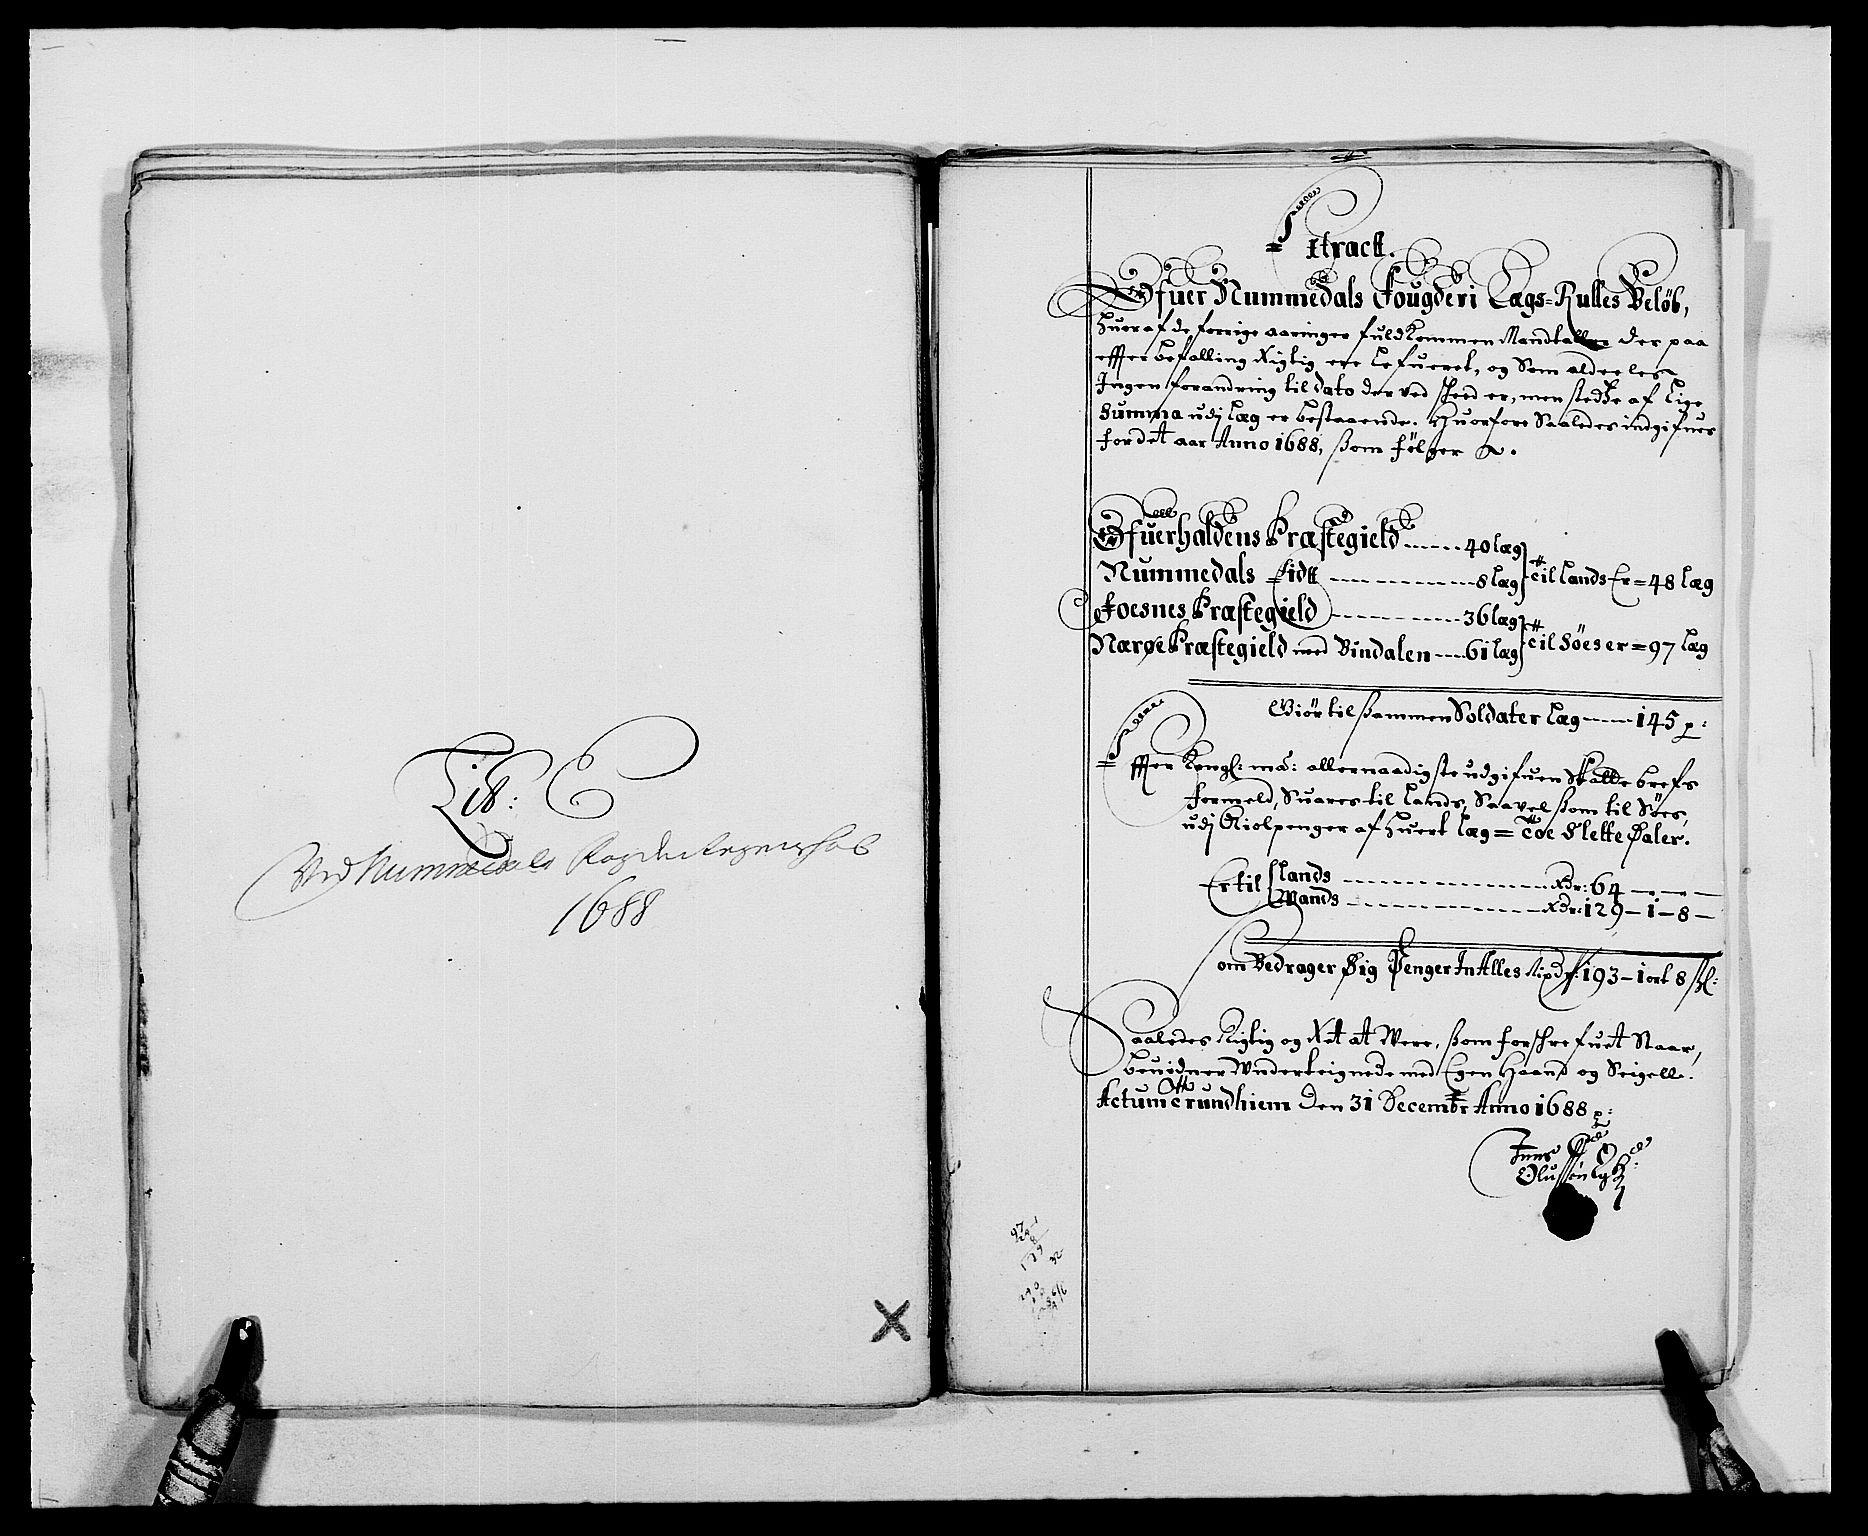 RA, Rentekammeret inntil 1814, Reviderte regnskaper, Fogderegnskap, R64/L4422: Fogderegnskap Namdal, 1687-1689, s. 120